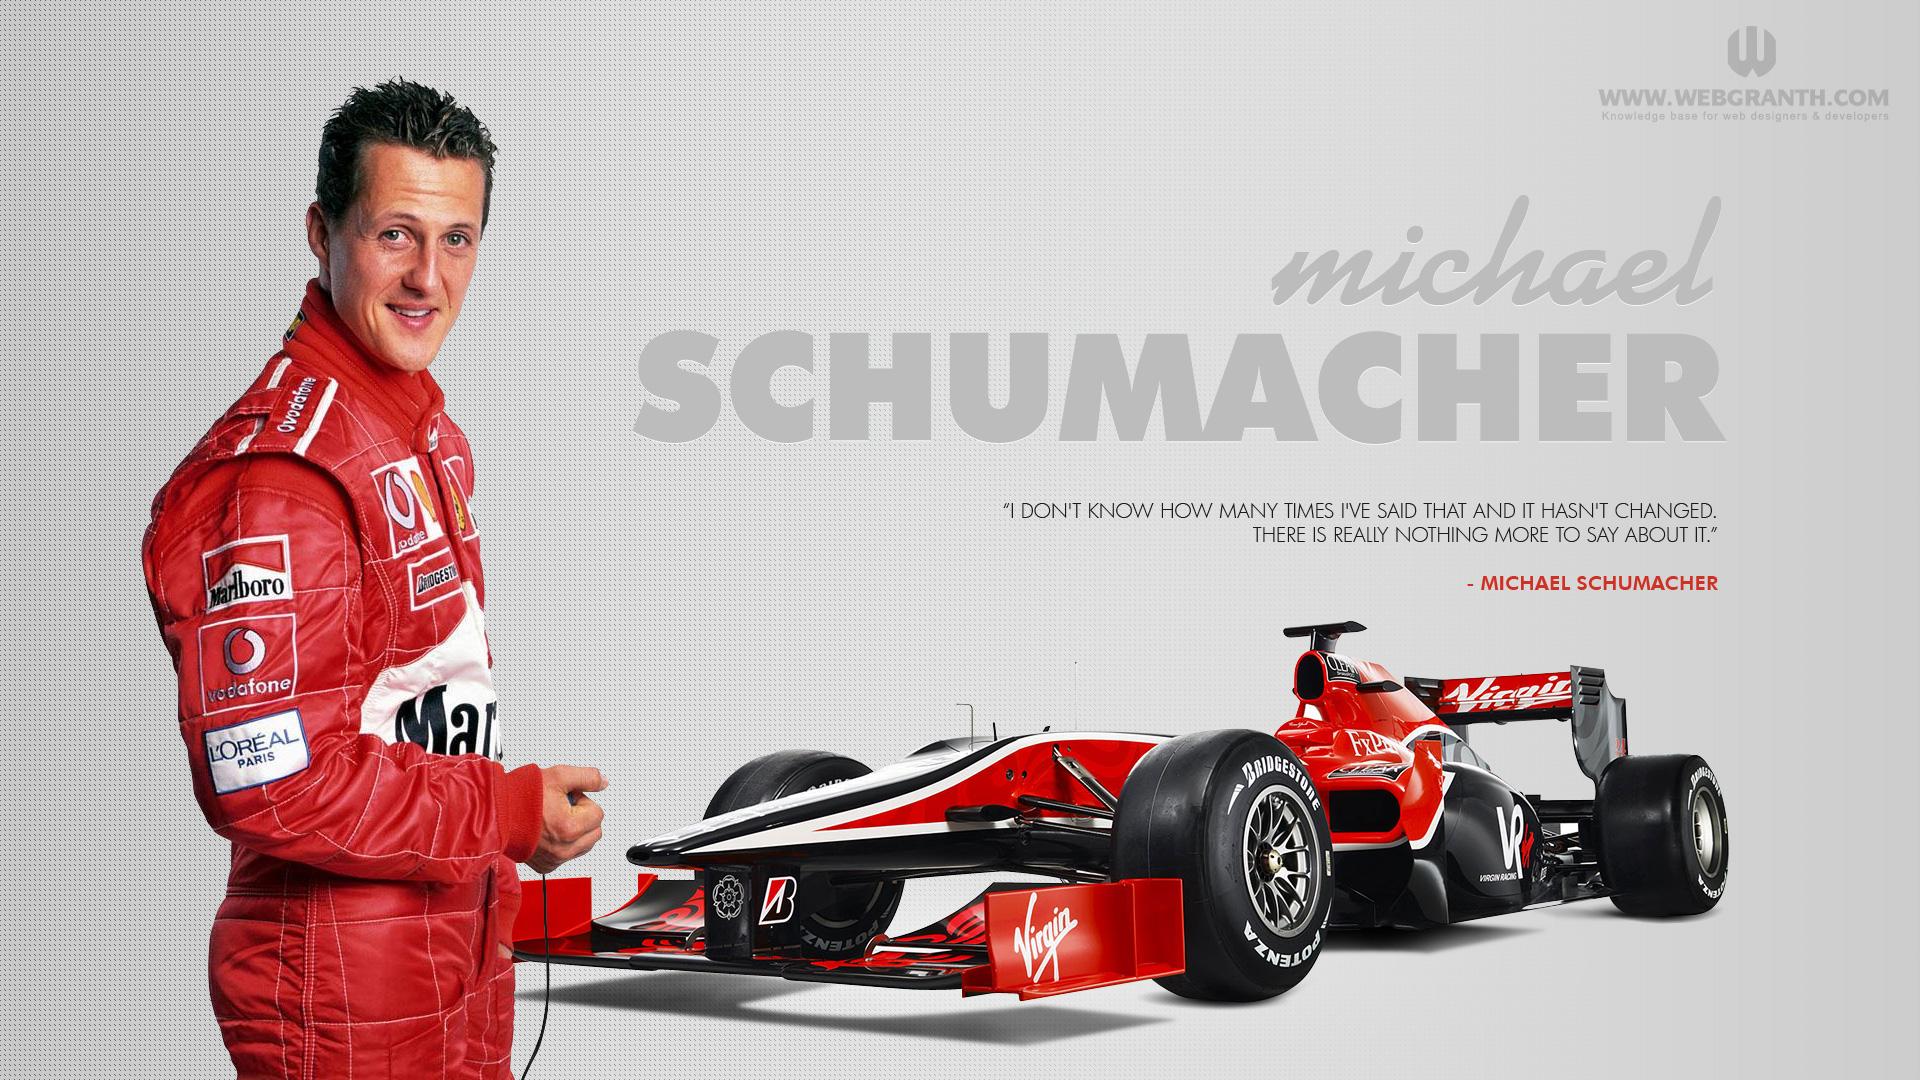 Michael-schumacher-poster